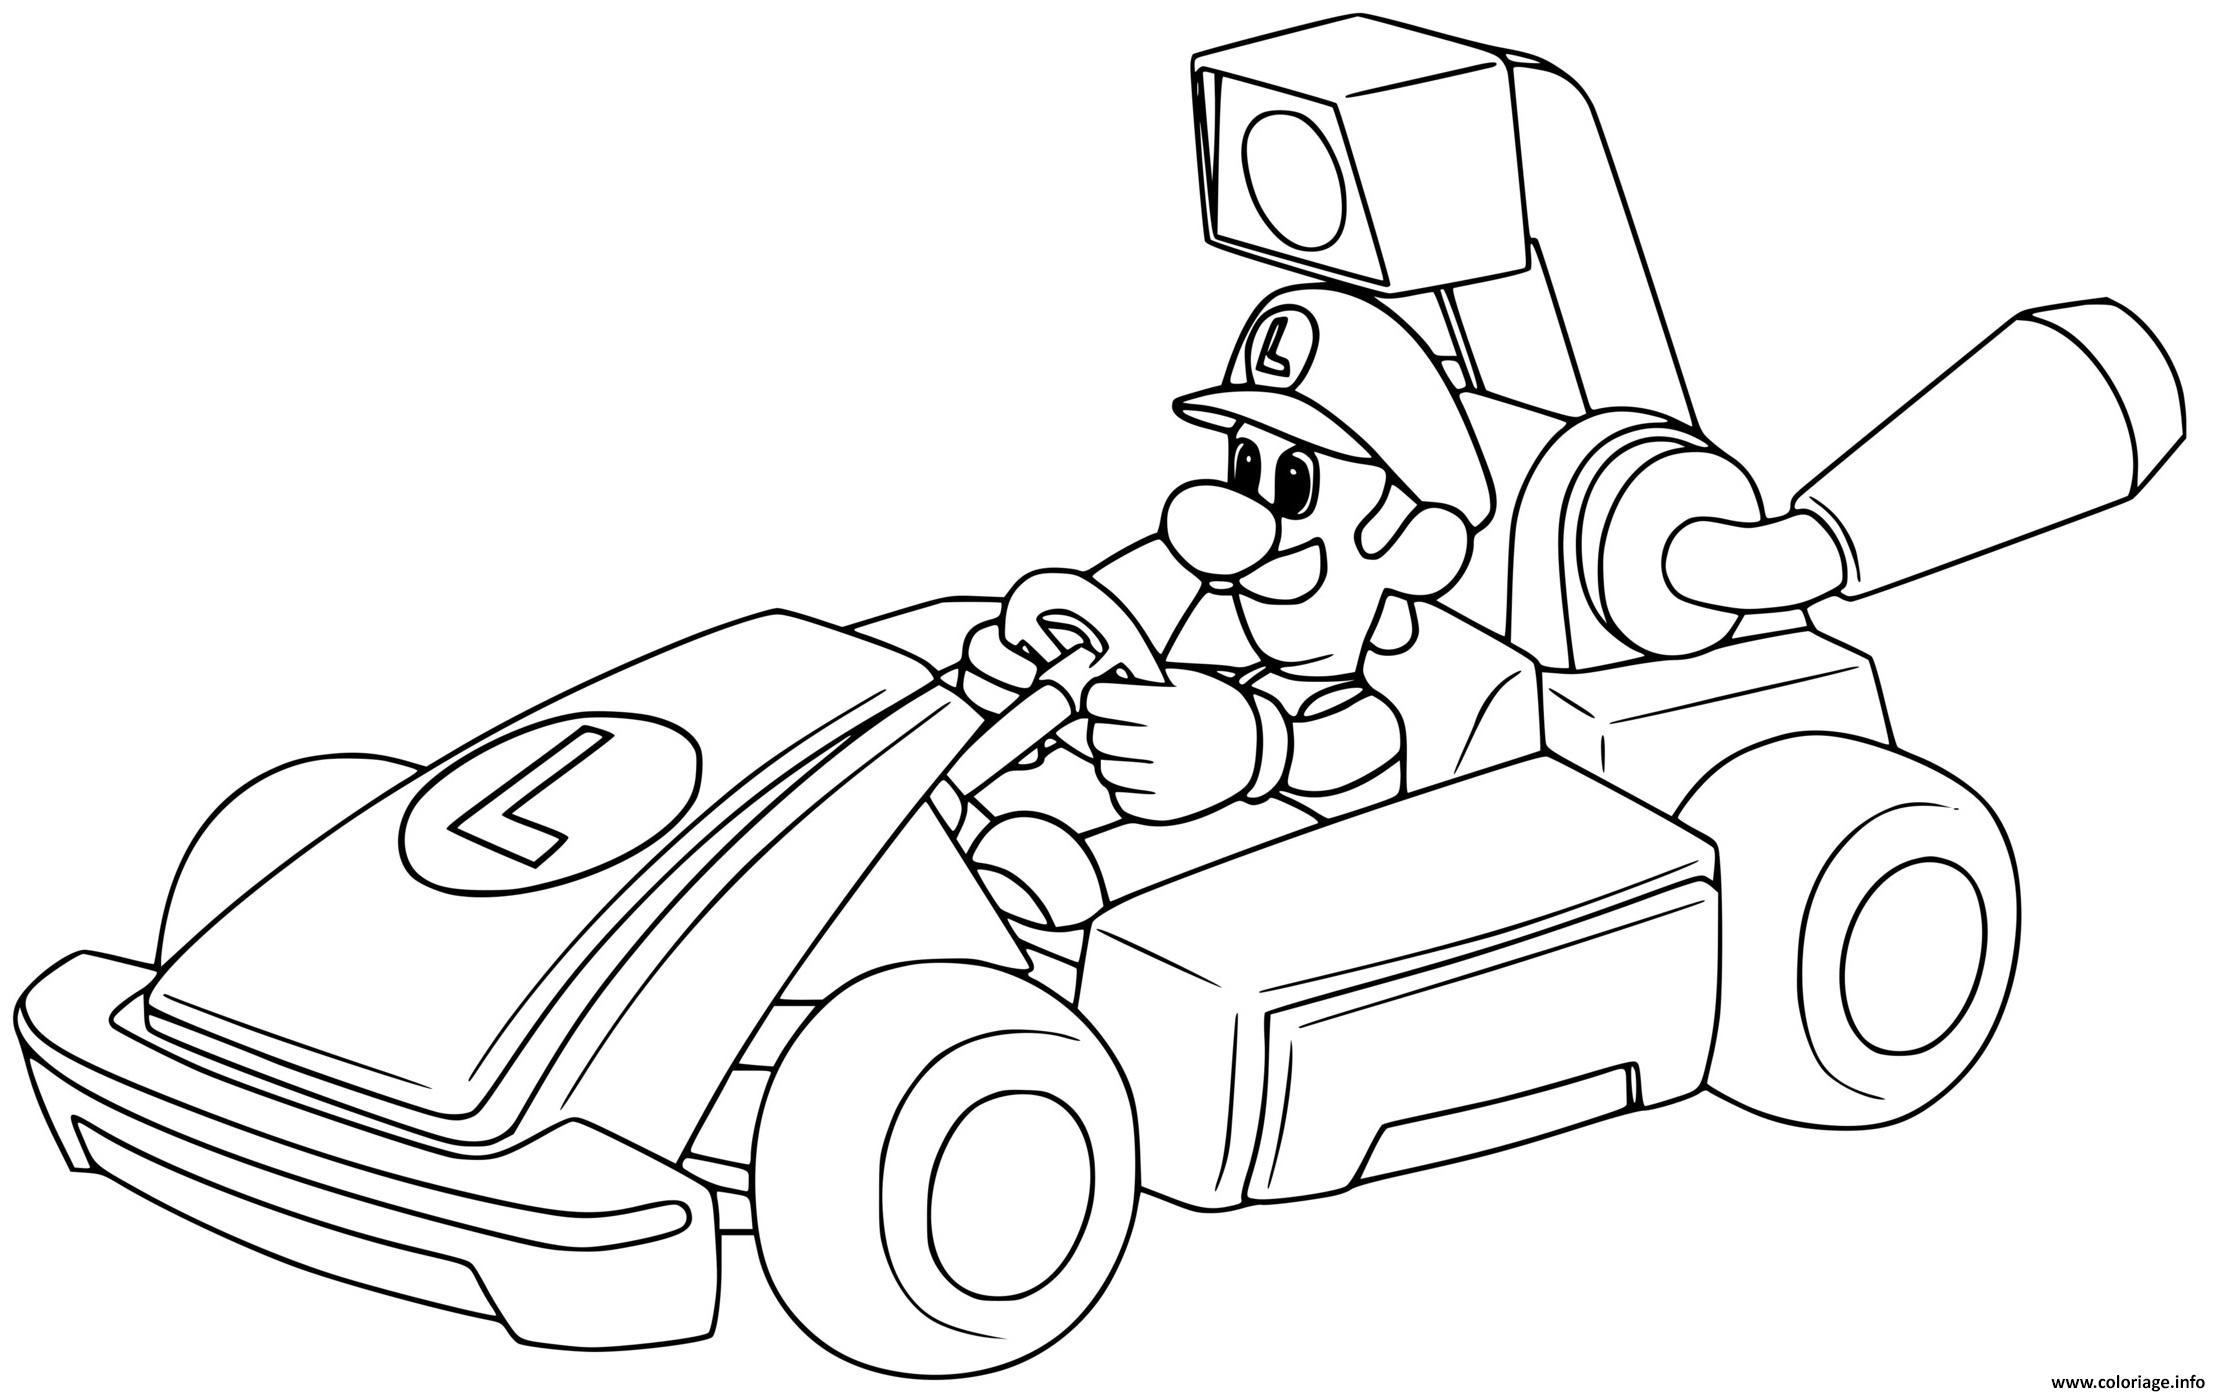 Dessin luigi se prepare pour la course de voiture Coloriage Gratuit à Imprimer